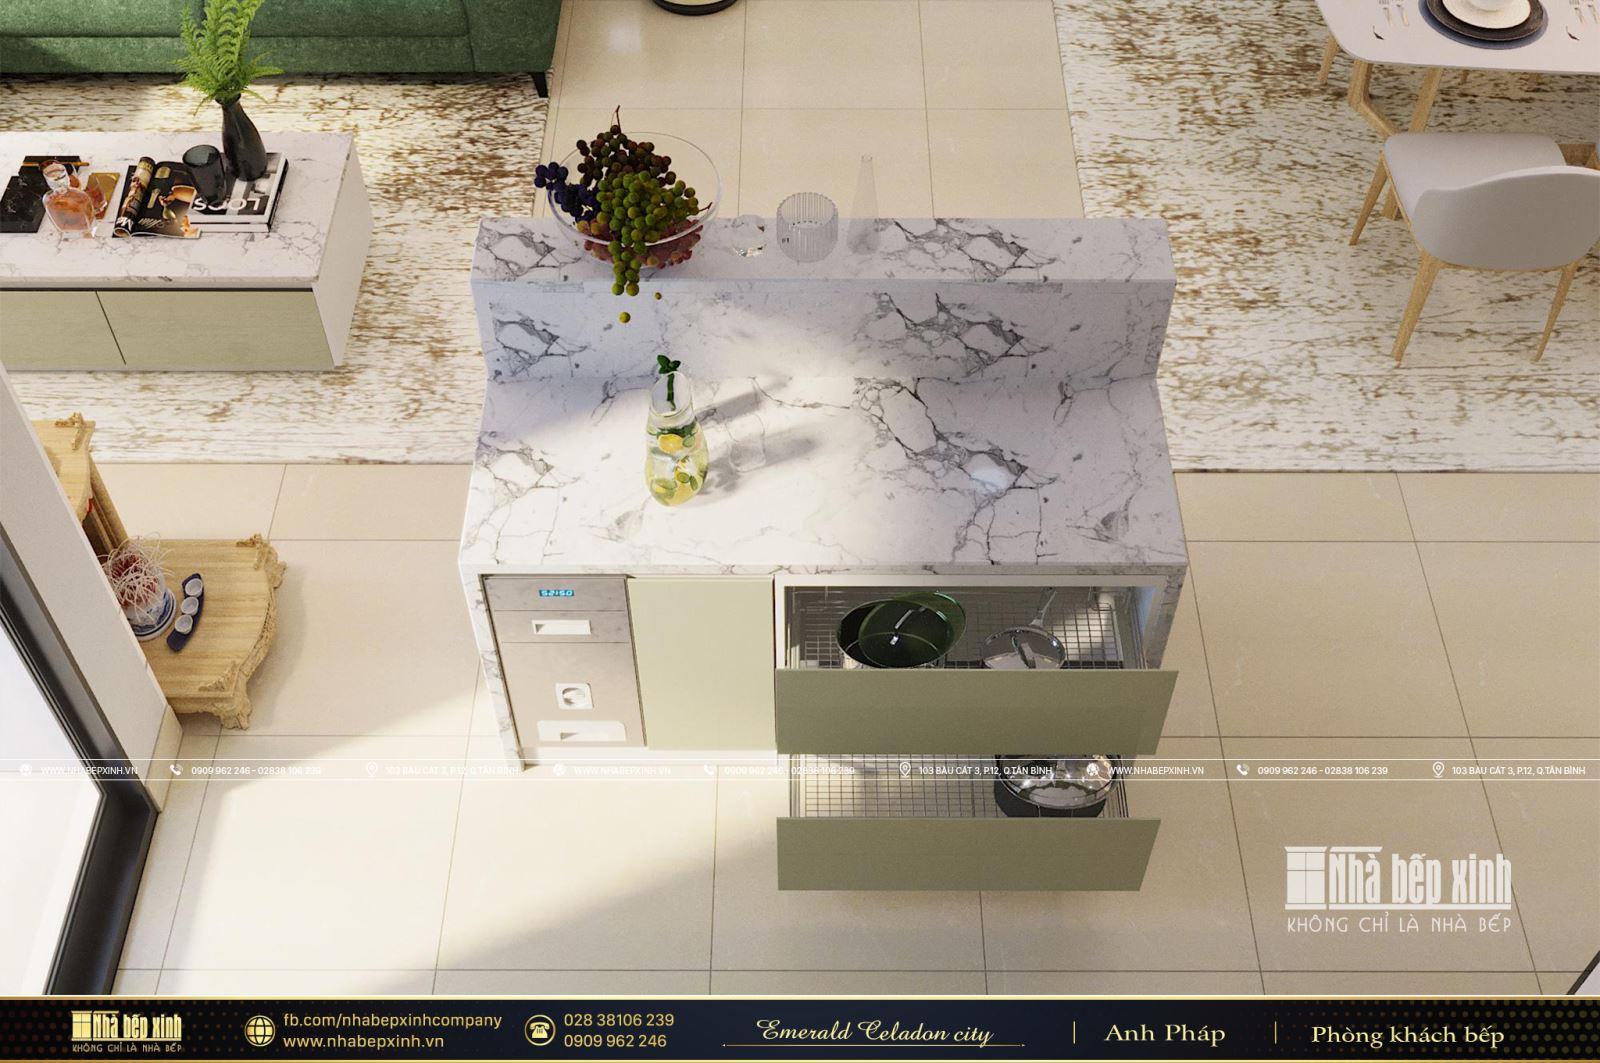 Tổng hợp các mẫu thiết kế nội thất Chung cư Emerald Celadon City